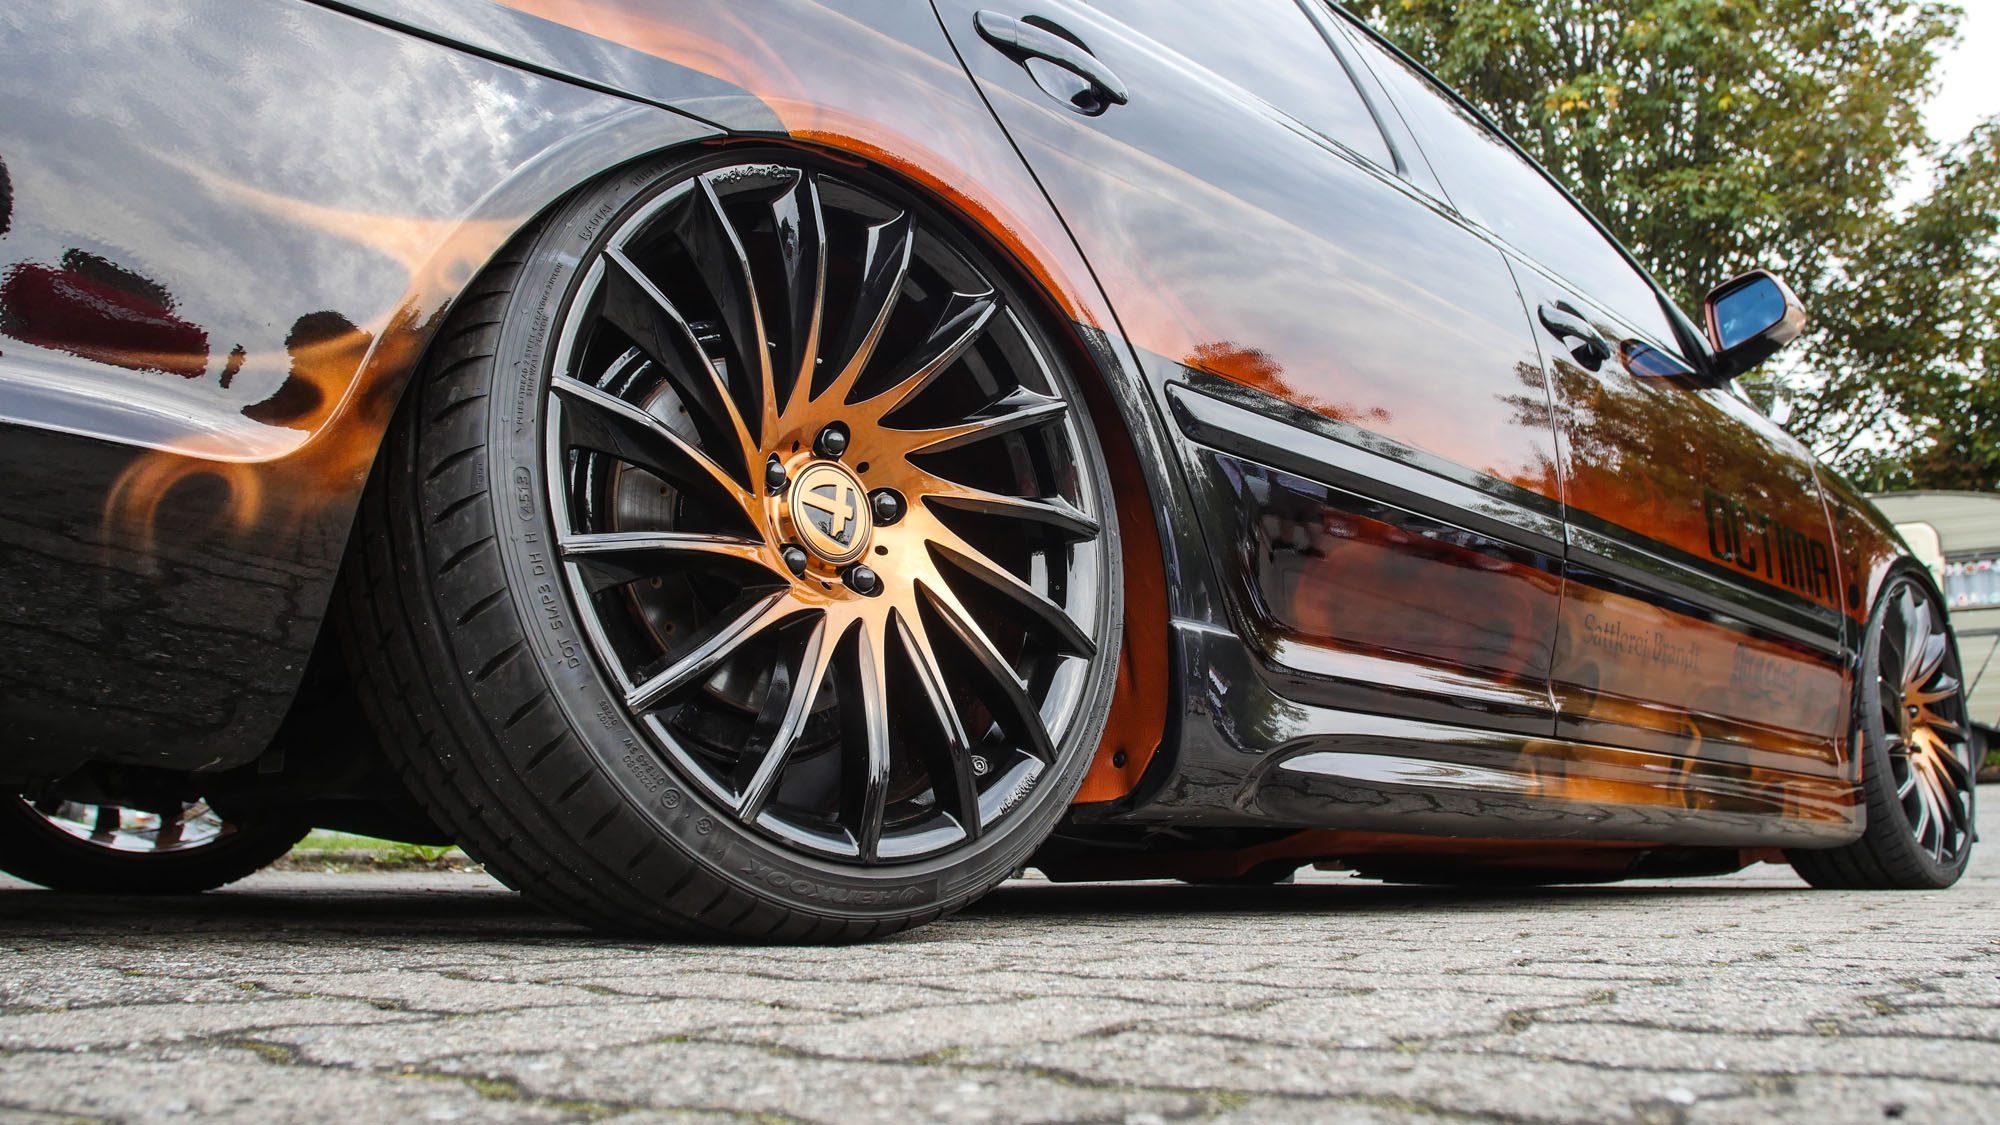 Die Farbgebung des Skoda Octavia RS macht auch vor den Tomason TN16 nicht Halt!